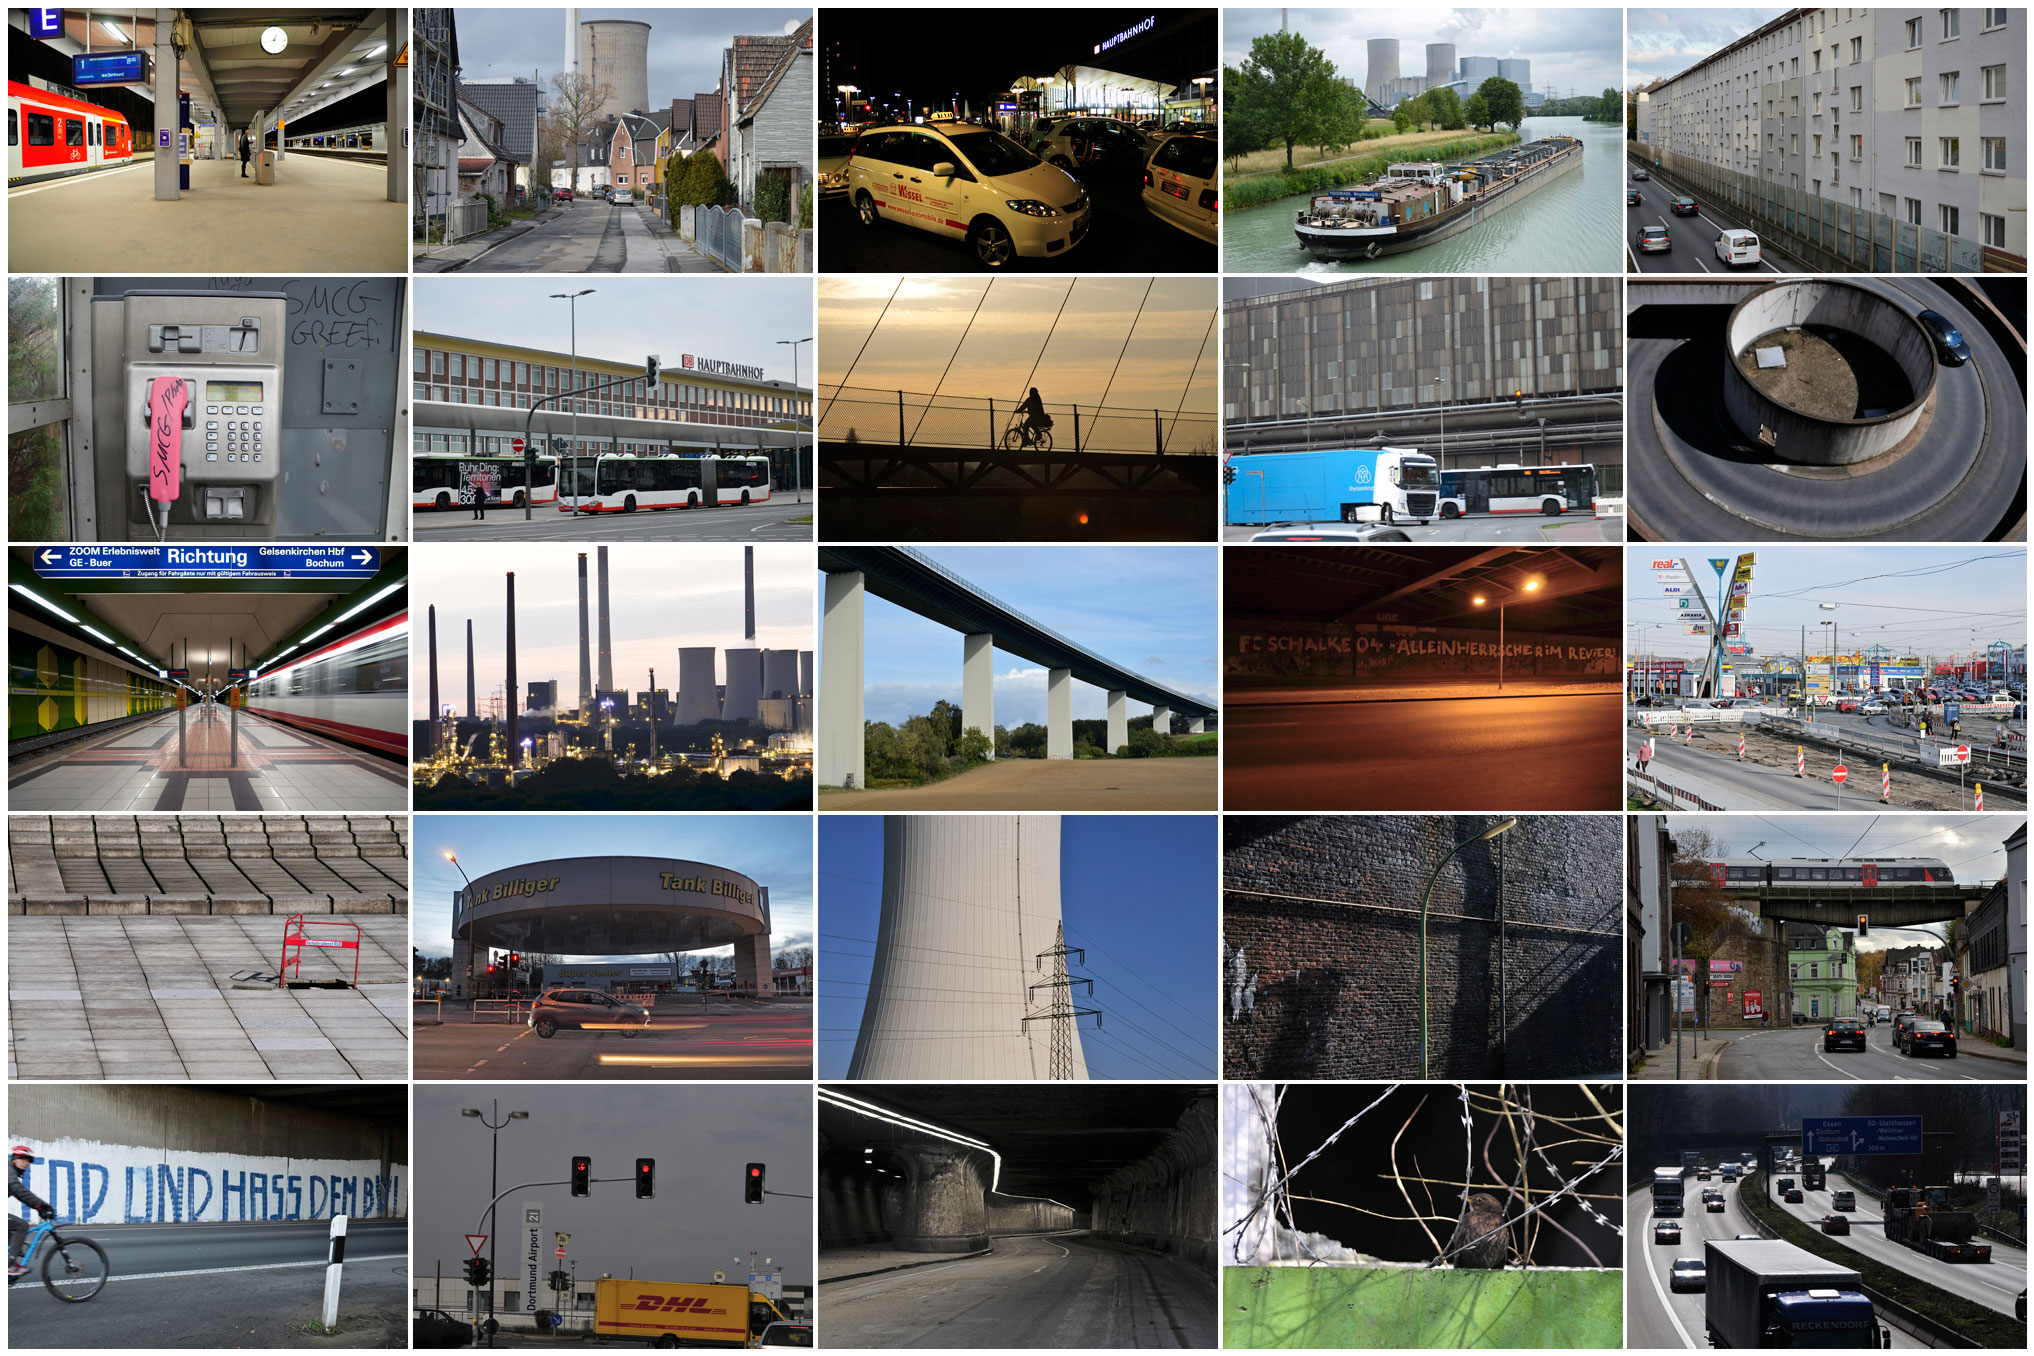 Zdjęcie nr 711 Kanał Datteln-Hamm, Hamm, 2018 r. Zdjęcie nr 712 Metro, Gelsenkirchen, 2010 r. Zdjęcie nr 713 A40, Essen, 2021 r. Zdjęcie nr 714 Postój taksówek, dworzec główny w Bochum, 2010 r. Zdjęcie nr 715 Była linia kolejowa, Bochum, 2009 r. Zdjęcie nr 716 A40, Bochum, 2009 r. Zdjęcie nr 717 Kolej miejska, Bochum-Wattenscheid Zdjęcie nr 718 Wiadukt ceglany, Herne-Baukau, 2009 r. Zdjęcie nr 719 Kanał Datteln-Hamm i autostrada A2 Zdjęcie nr 720 Transport, Bochum Zdjęcie nr 721 Autostrada A40, Bochum-Wattenscheid Zdjęcie nr 722 Centrum handlowe, Bochum-Hofstede, 2009 r. Zdjęcie nr 723 A40, Essen, 2020 r. Zdjęcie nr 724 Parking, Marl, 2009 r. Zdjęcie nr 725 Dworzec autobusów dalekobieżnych, Dortmund Zdjęcie nr 726 Autostrada, most nad Ruhrą koło Mühlheim, 2020 r. Zdjęcie nr 727 Elektrownia, Herne-Baukau, 2009 r. Zdjęcie nr 728 Lotnisko, Dortmund, 2010 Zdjęcie nr 729 Autostrada A40, Oberhausen Zdjęcie nr 730 Stacja benzynowa, Essen, 2019 r. Zdjęcie nr 731 Składowisko złomu przy linii kolejowej, Bochum, maj 2010 r. Zdjęcie nr 732 Uniwersytet w Bochum, 2009 r. Zdjęcie nr 734 Dworzec Główny, Bochum, 2019 r. Zdjęcie nr 735 Lotnisko Dortmund Zdjęcie nr 736 Ptak, Bochum, 2009 r. Zdjęcie nr 736b Most A43, Recklinghausen, listopad 2020 r. Zdjęcie nr 736c Most A43, Recklinghausen, grudzień 2020 r.